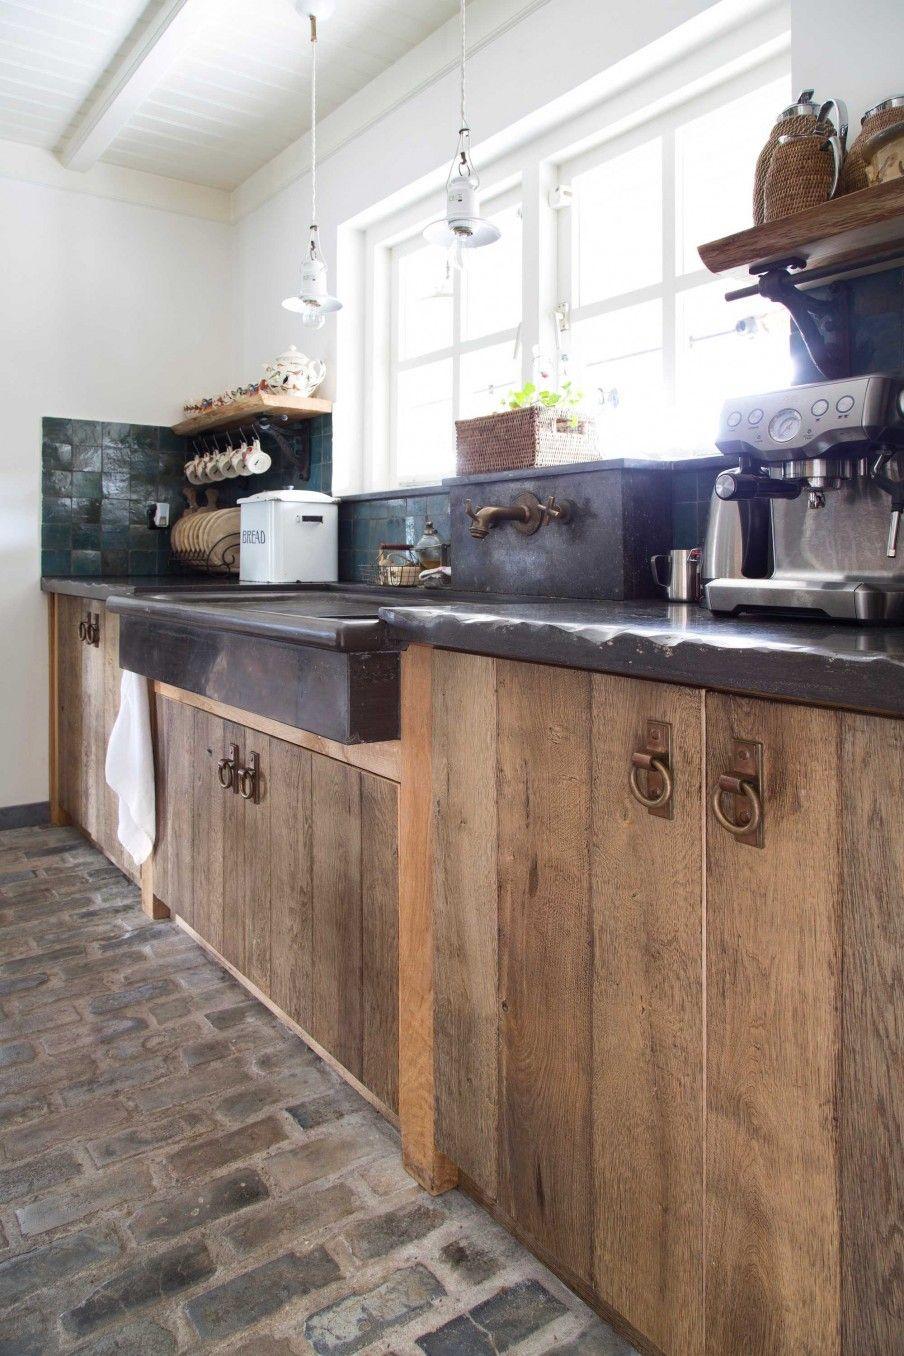 Oude klinkers als keukenvloer | Landelijk wonen | Kersbergen.nl